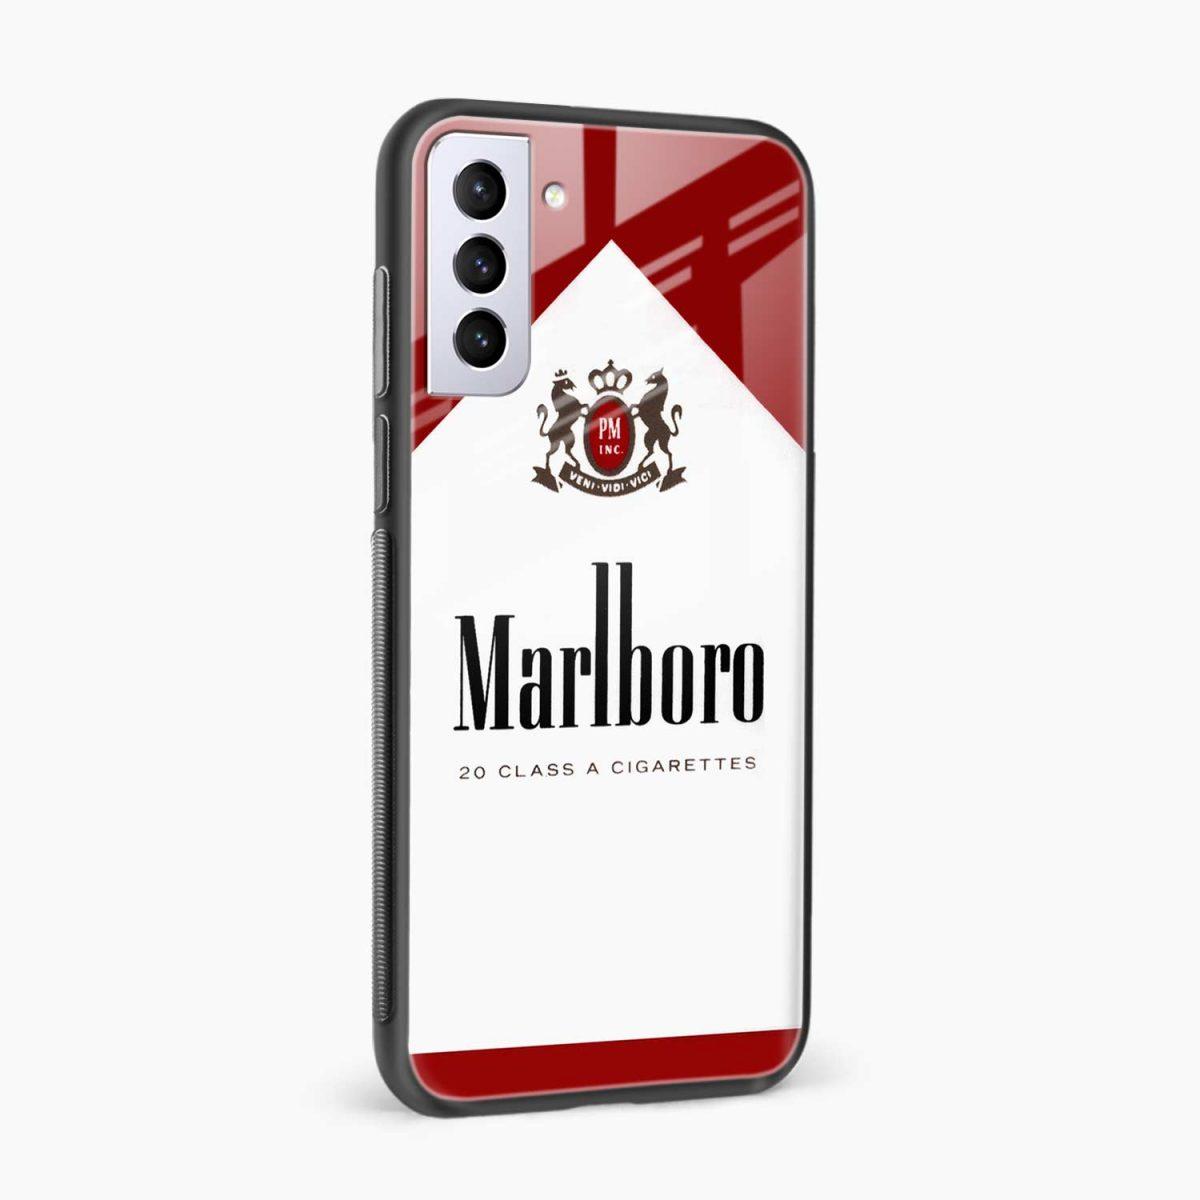 marlboro cigarette box side view samsung s21 plug back cover